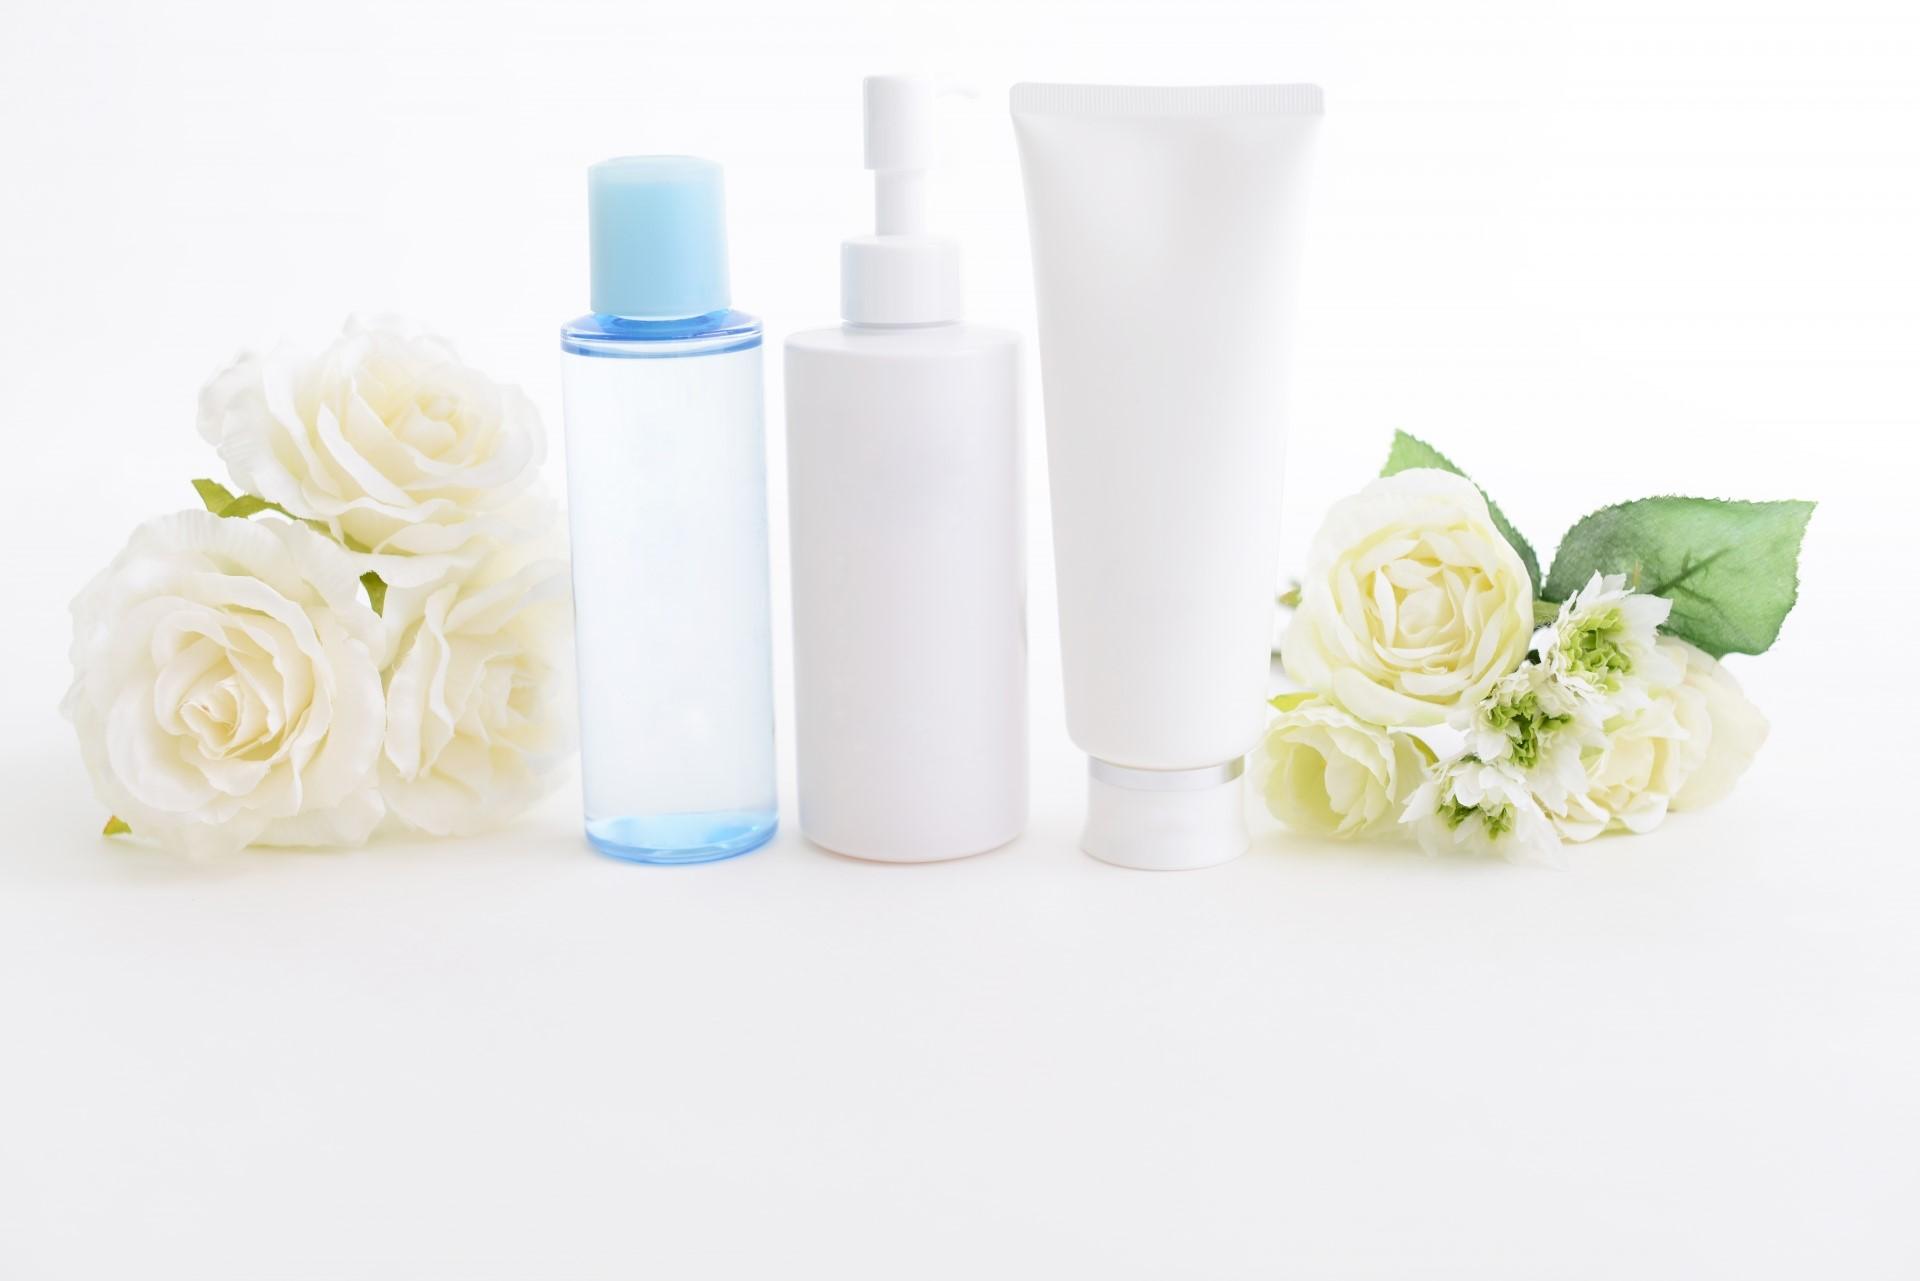 NGな化粧品容器